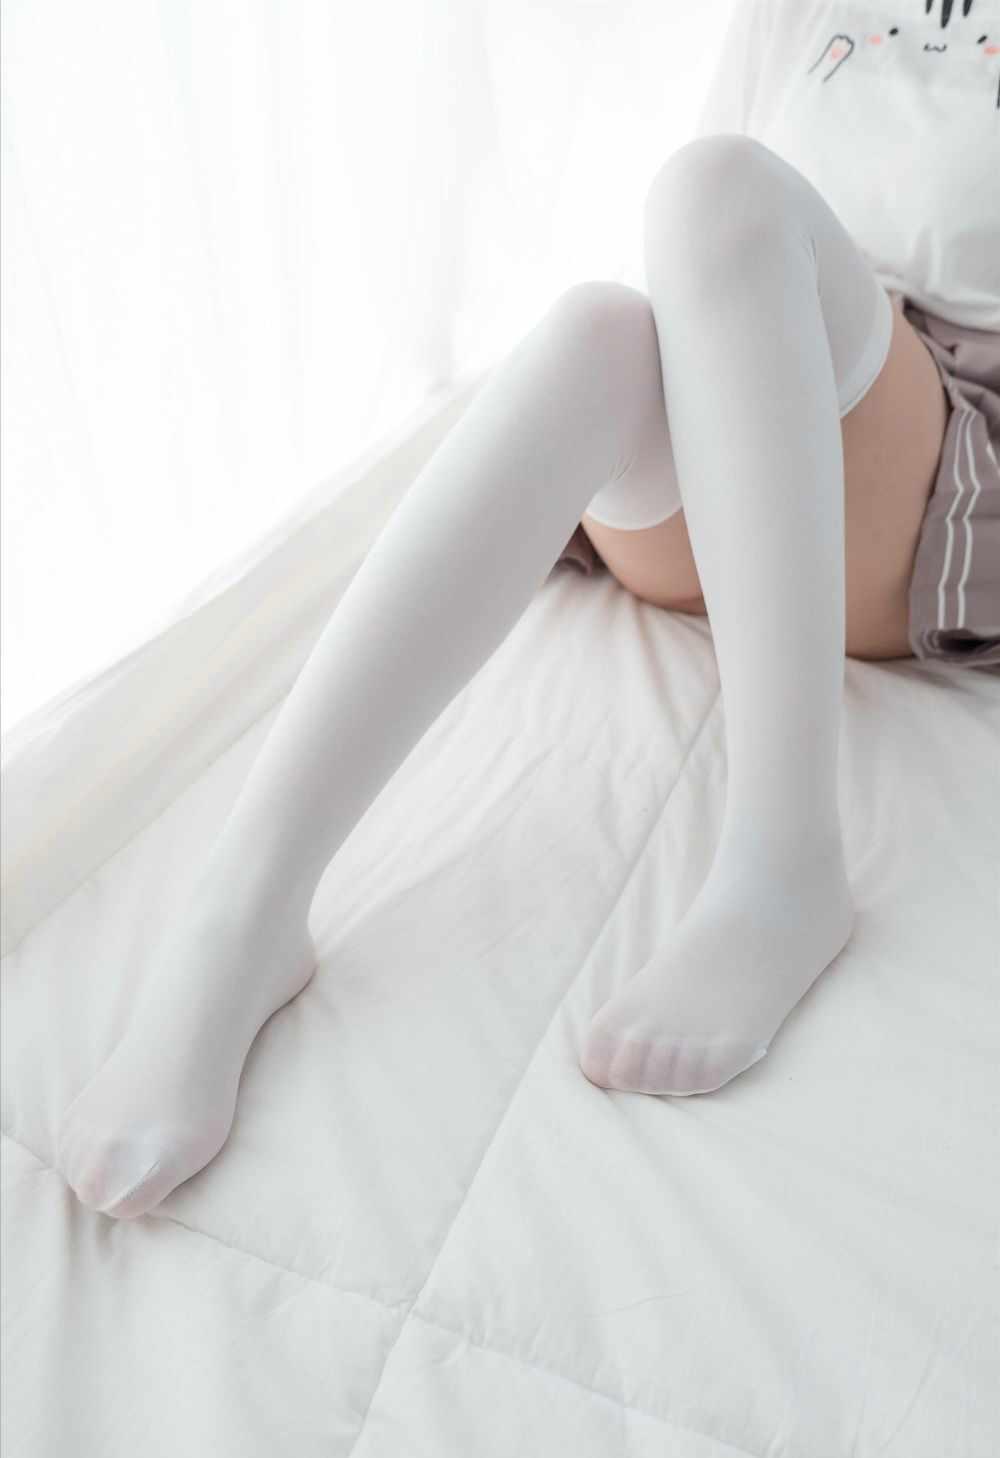 羞涩的白丝双马尾小萝莉夹枕套图-第1张图片-老九资源网_免费资源搜集分享平台